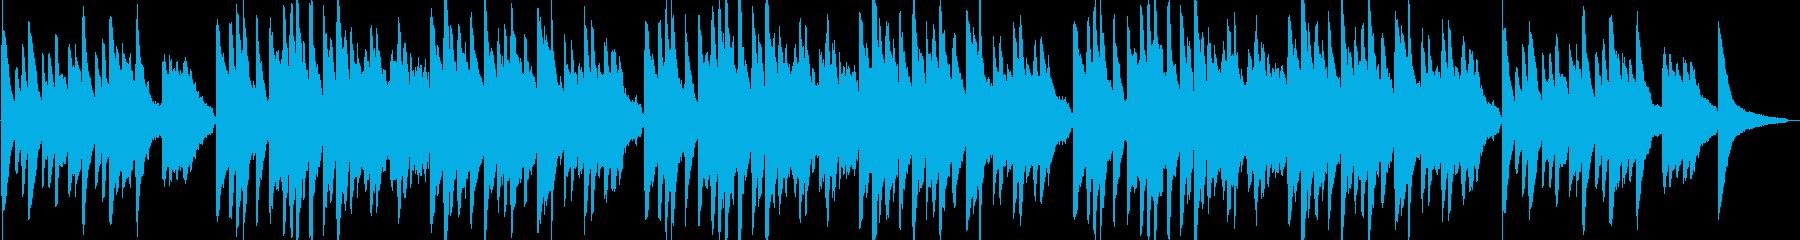 春がきた(童謡)ピアノ&ストリングスの再生済みの波形